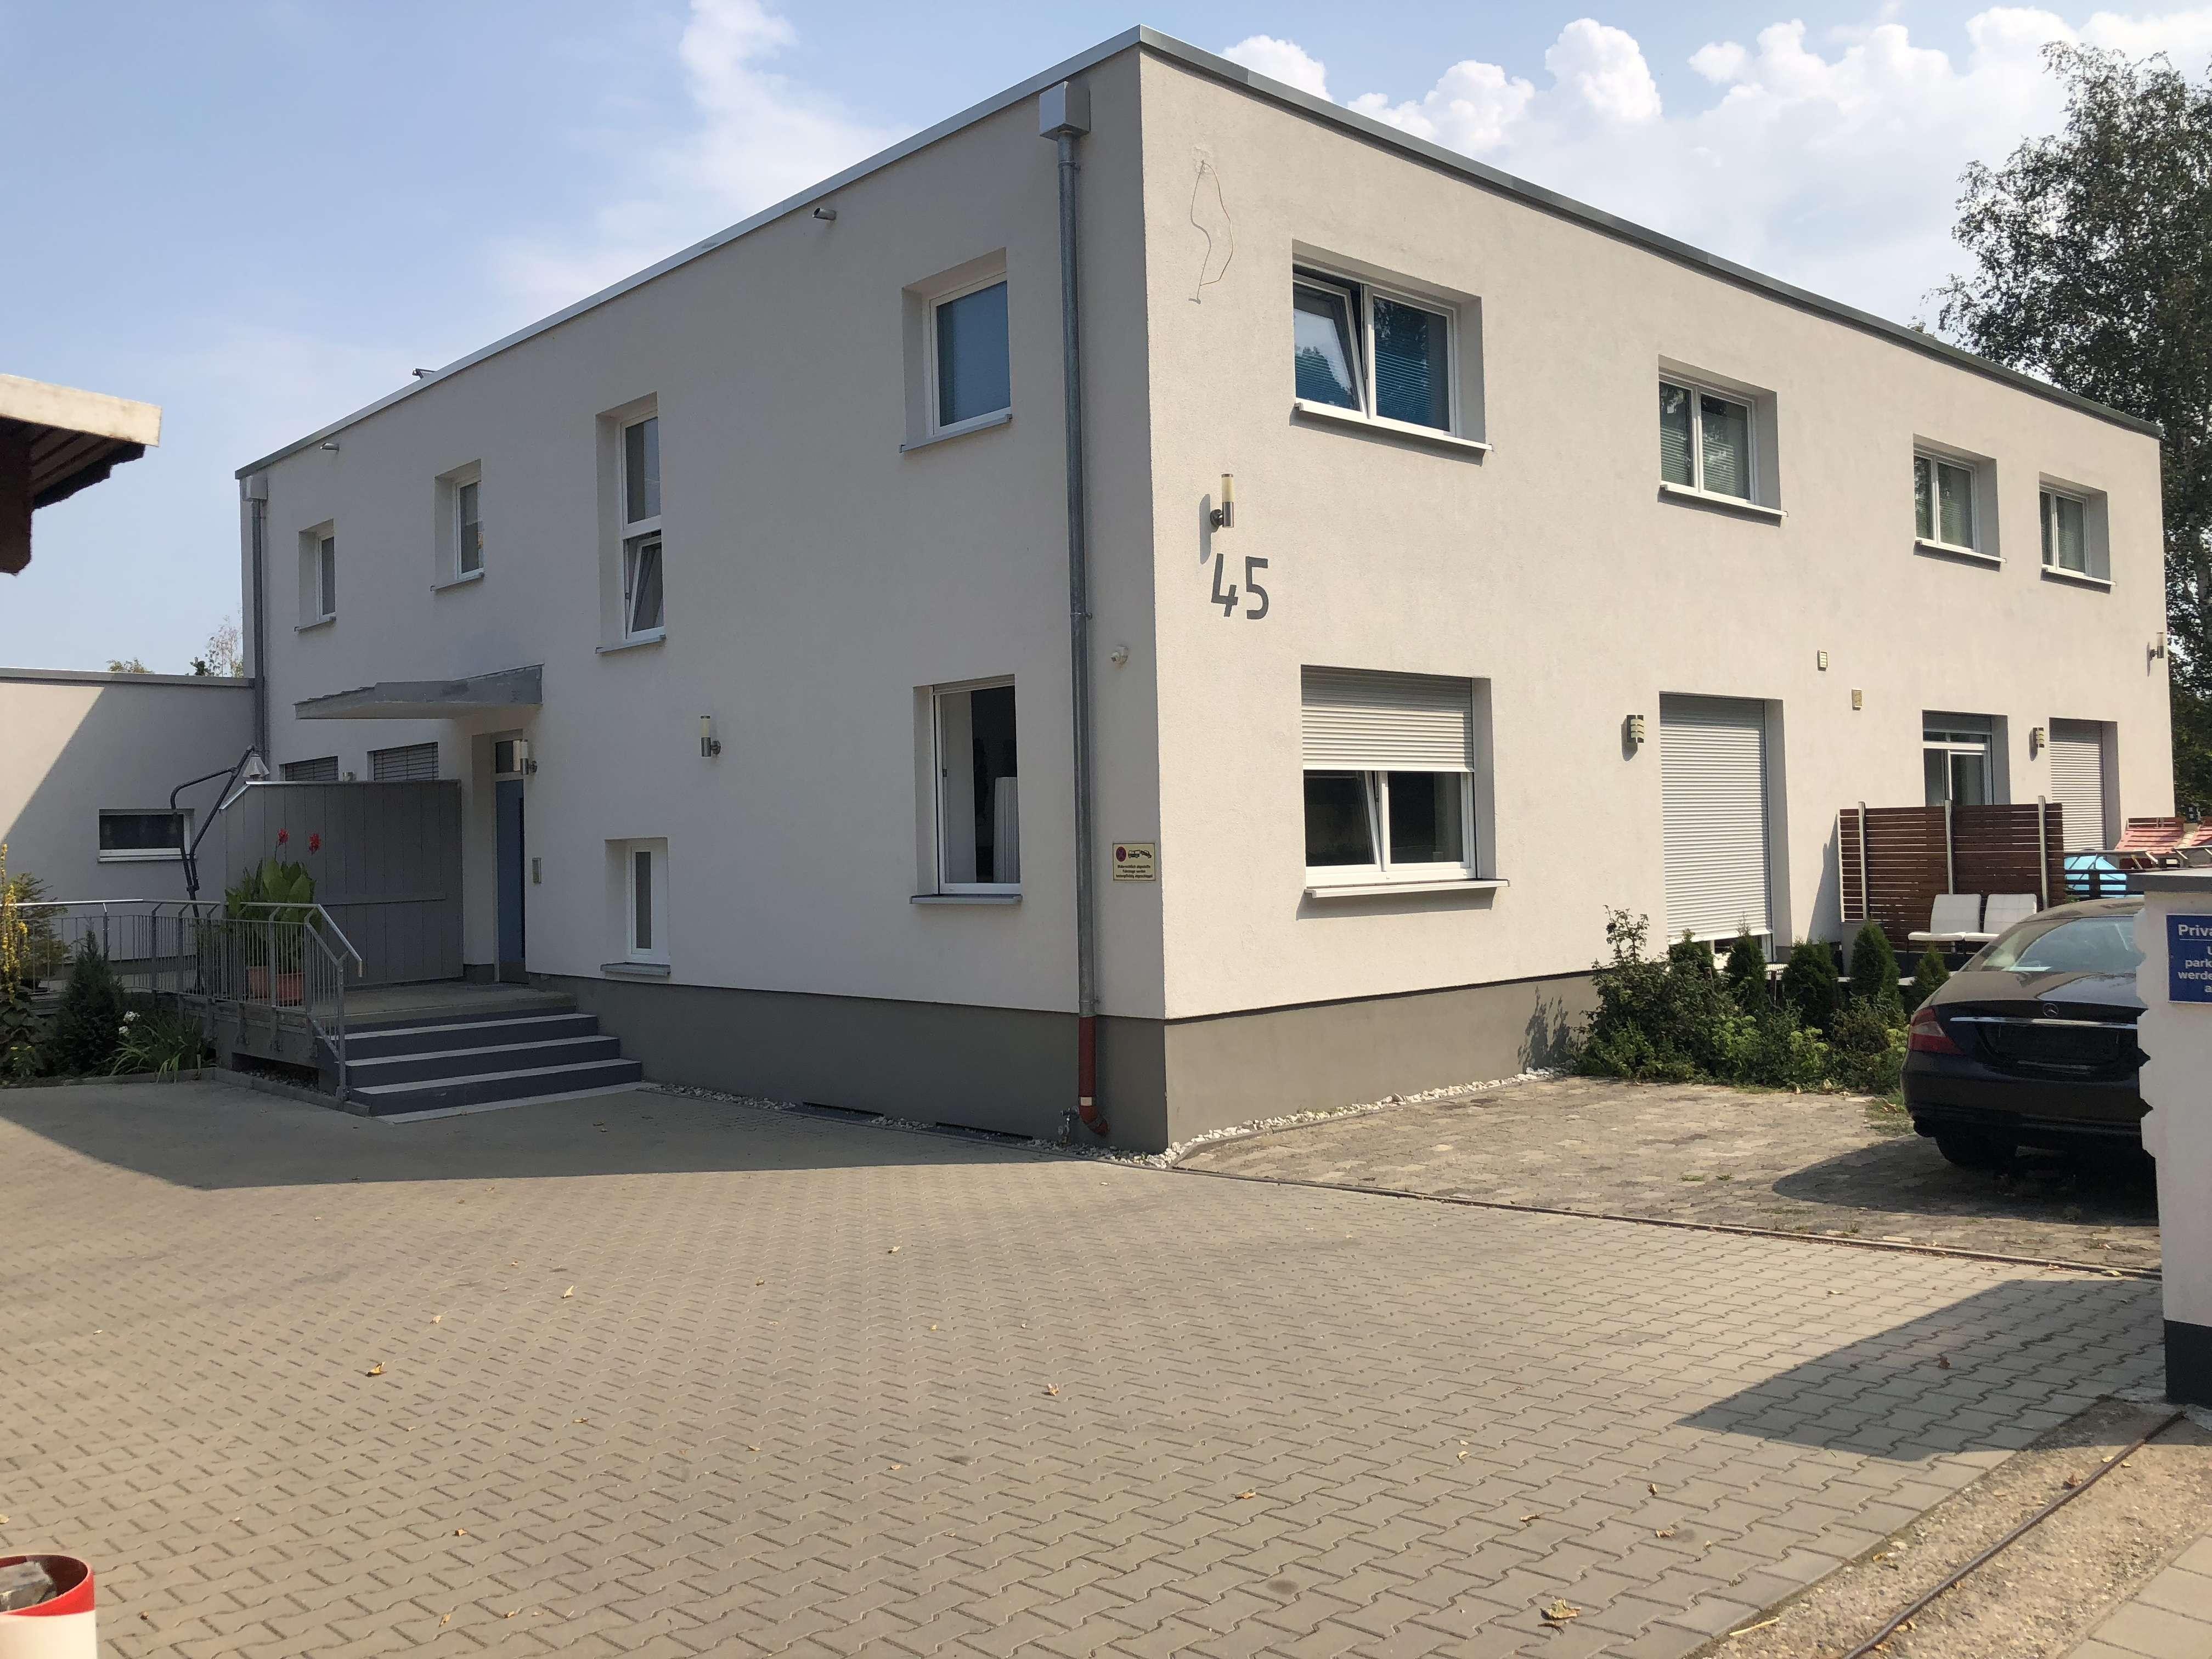 460 €, 48 m², 1 Zimmer in Cadolzburg (Fürth)